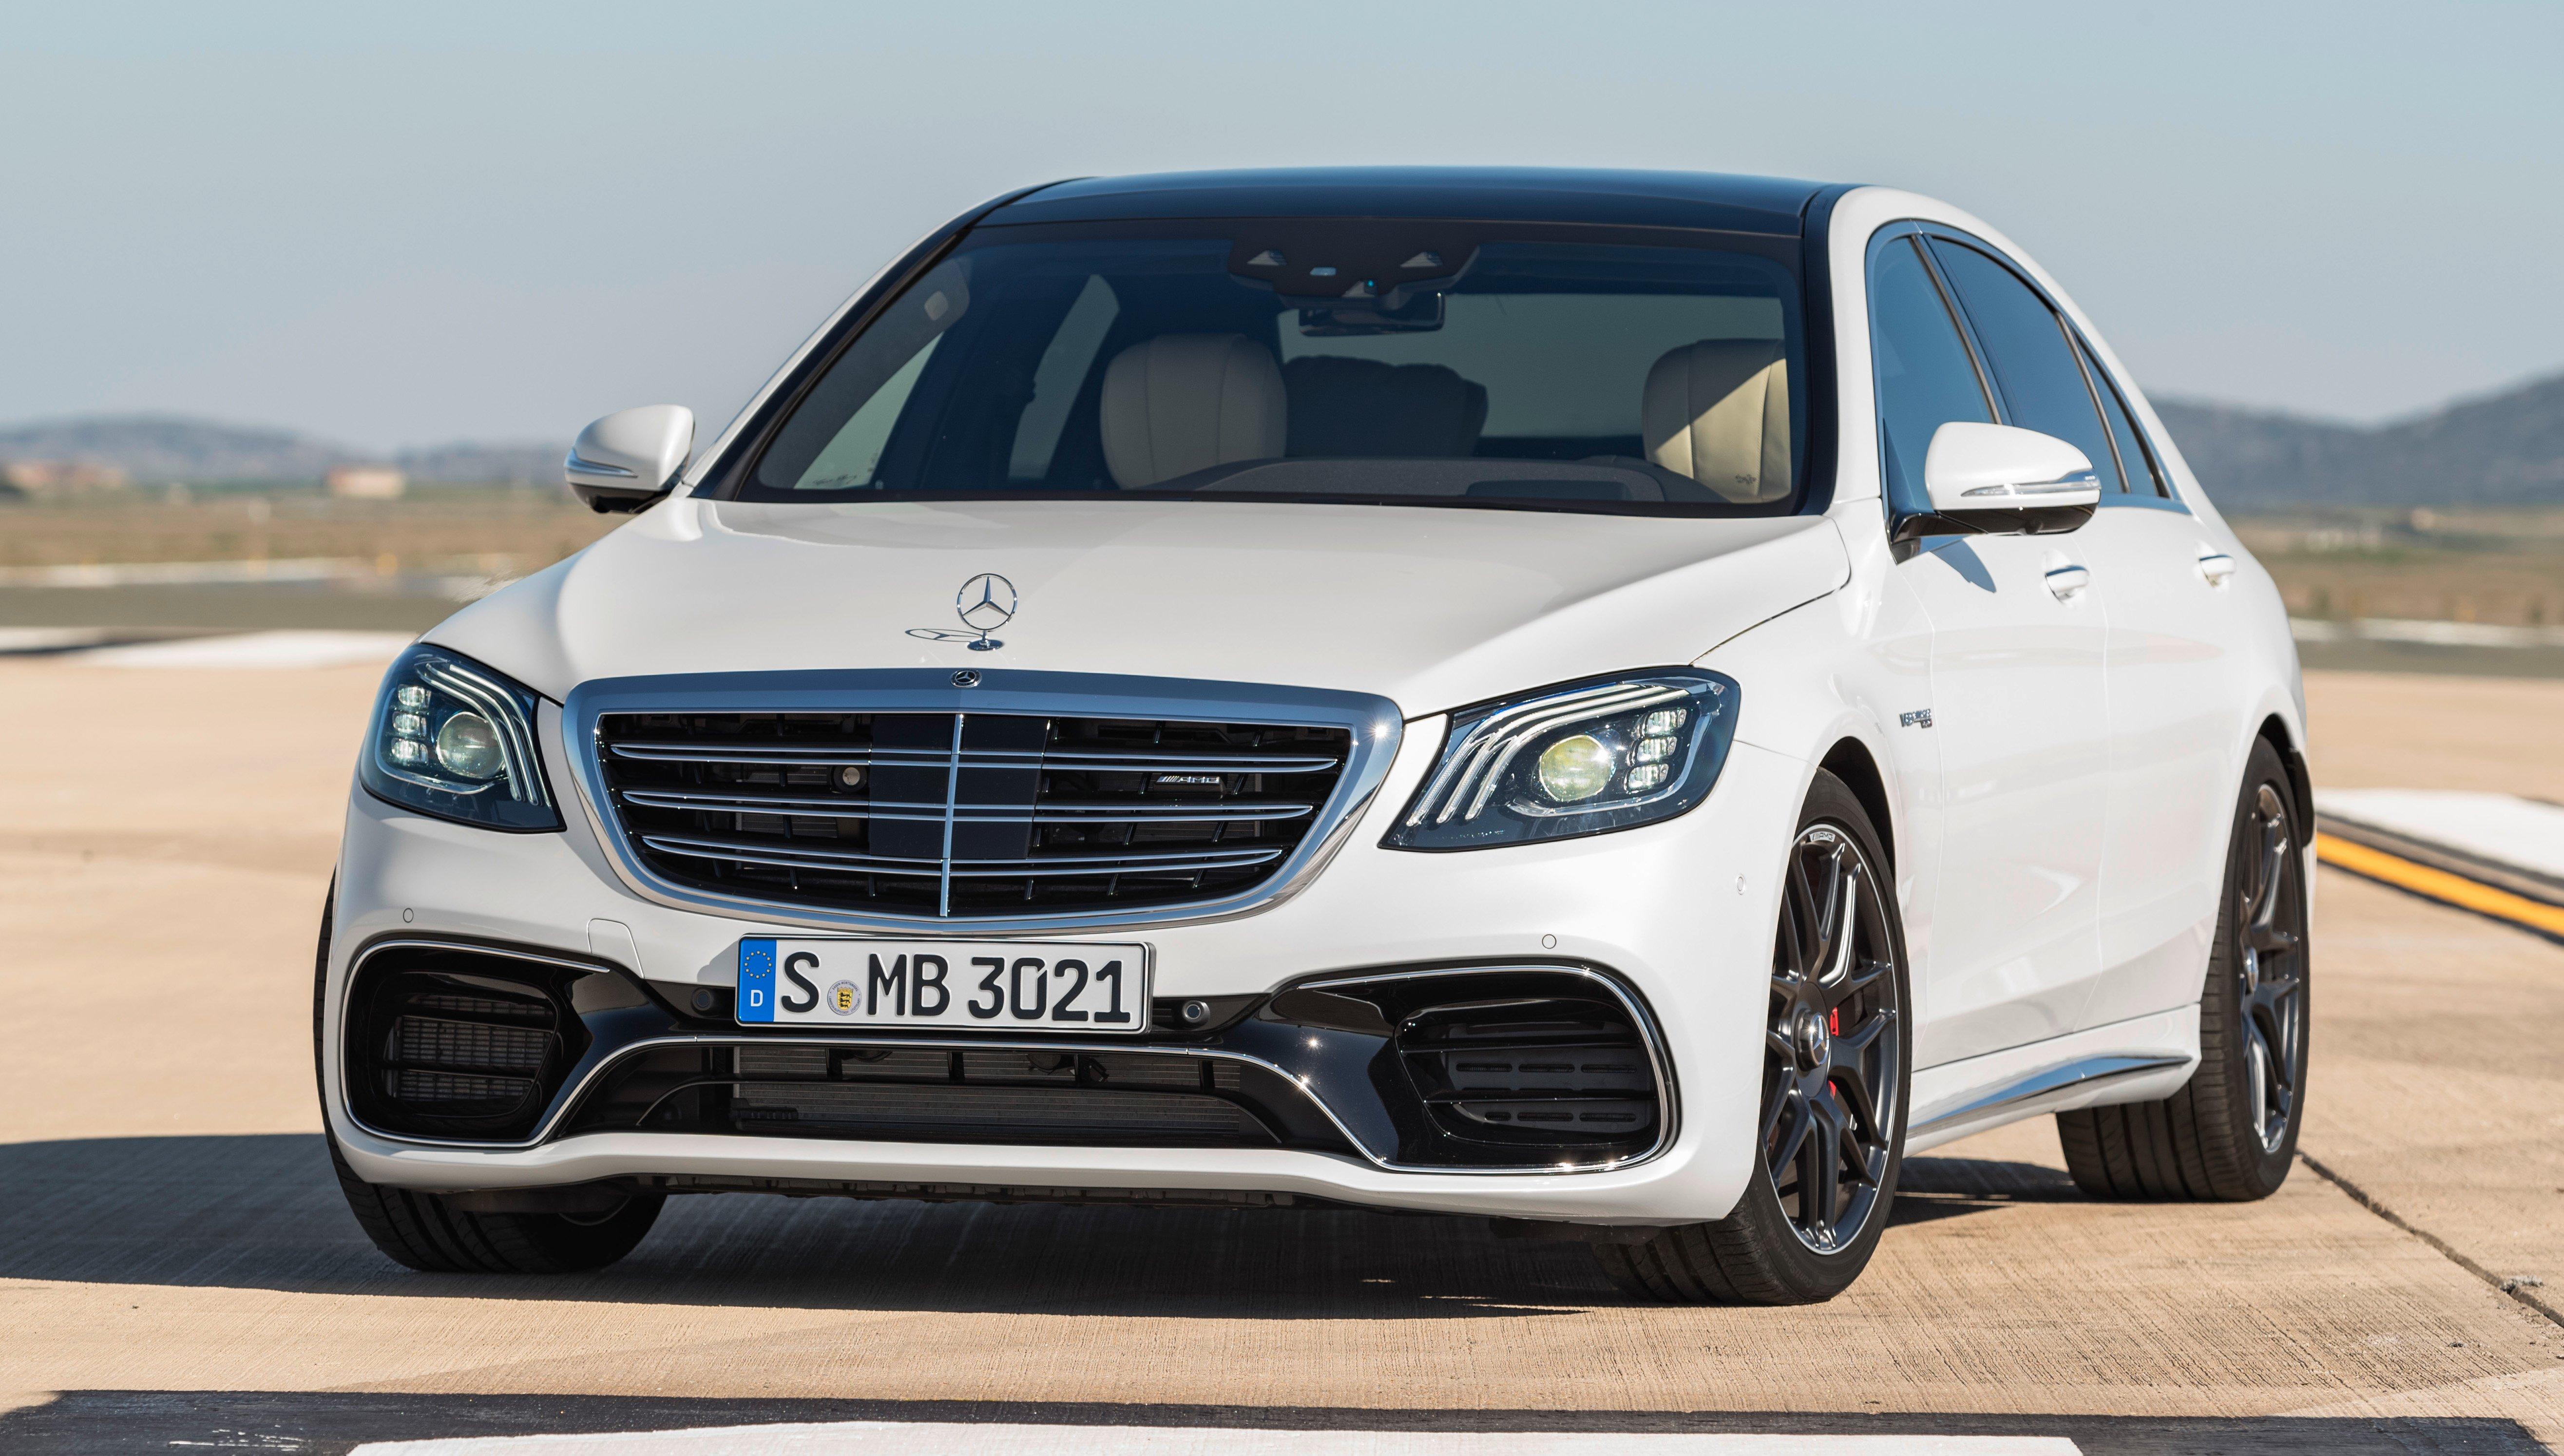 上海车展:小改款 Mercedes-Benz S-Class 正式发表! Mercedes-AMG S 63 ...